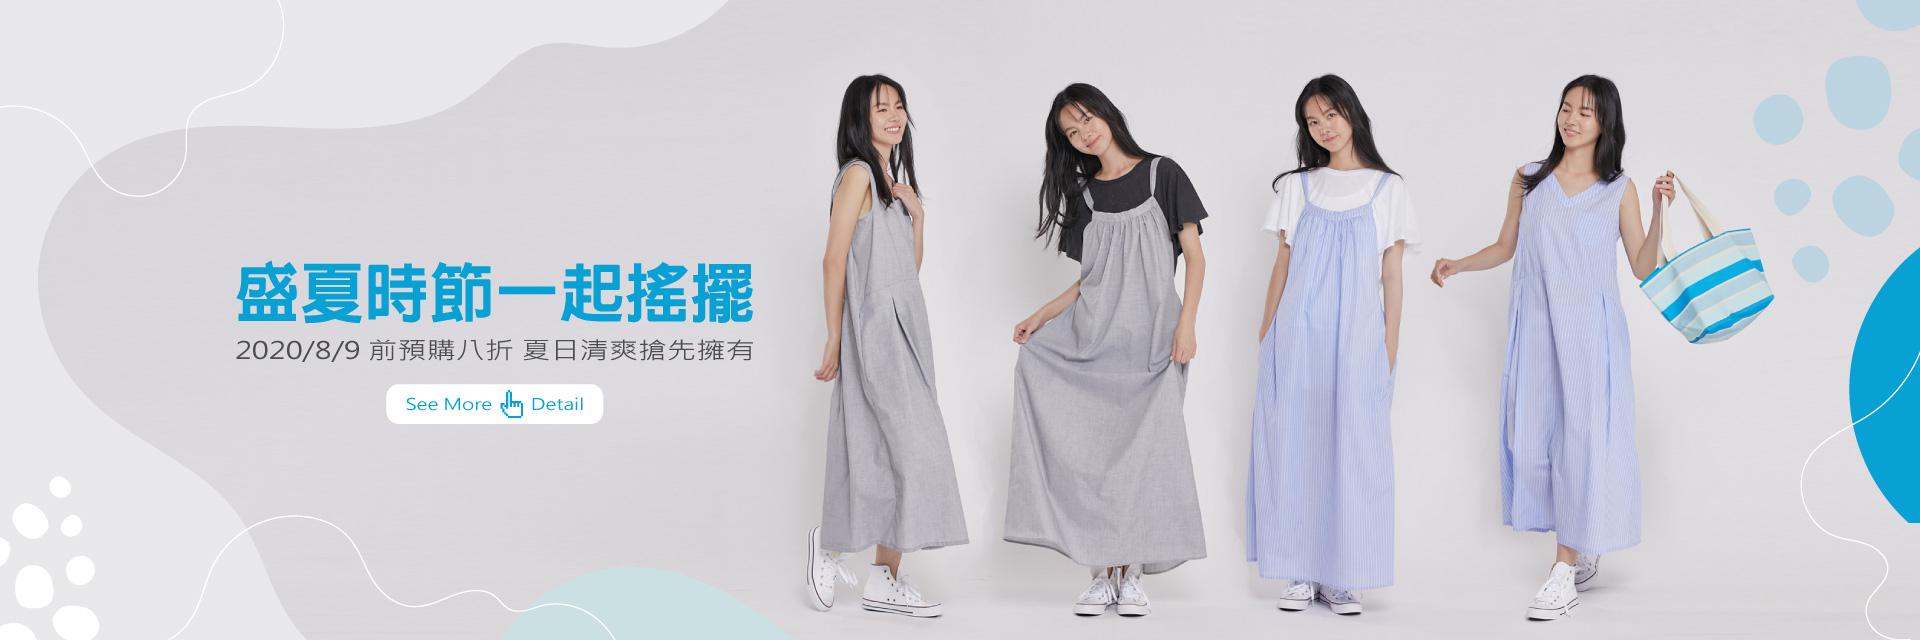 夏日洋裝預購會8折